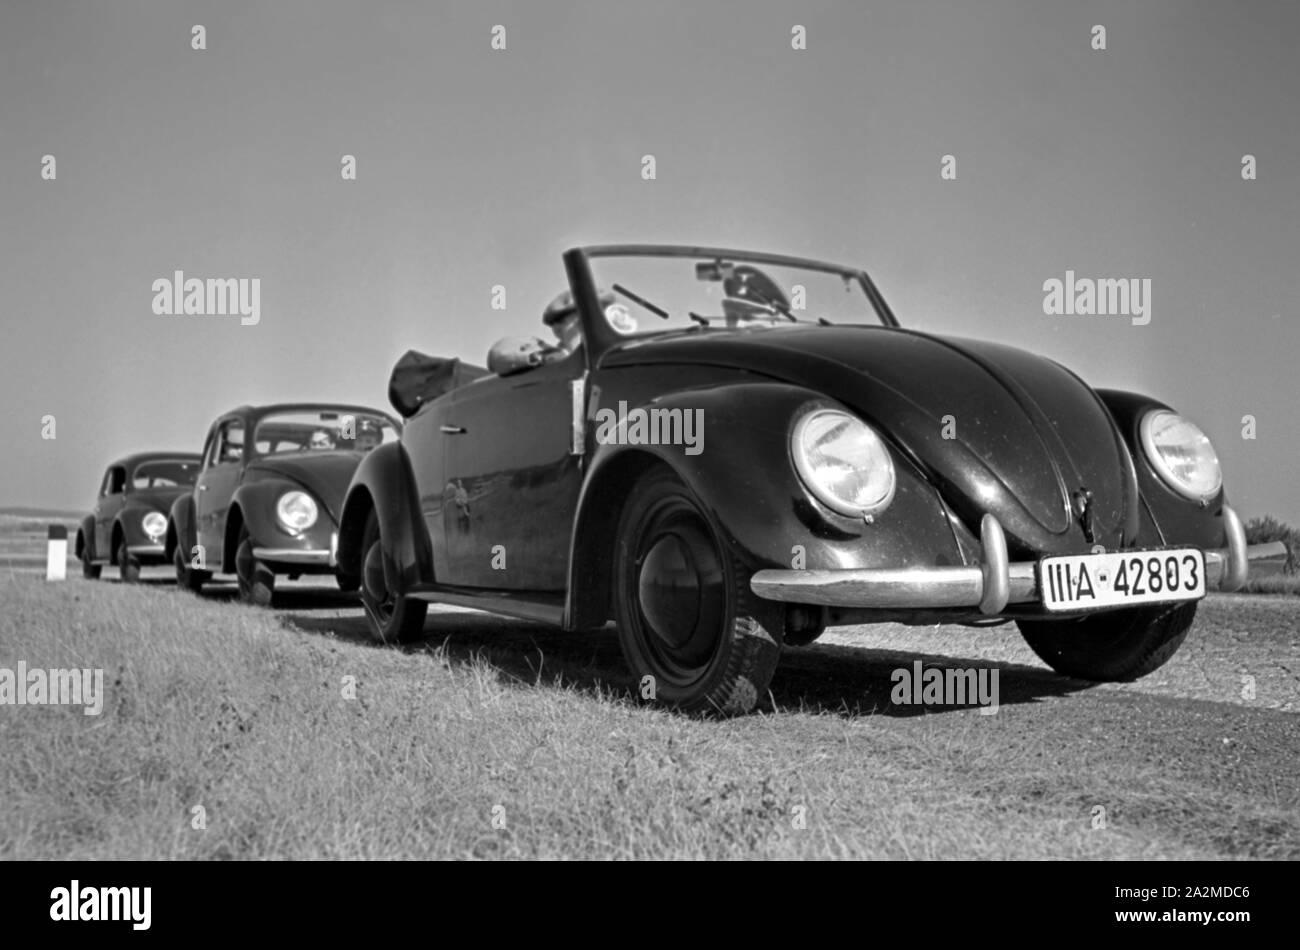 Volkswagen Beetle Voiture Modèle 1:43 taille noir mat CARARAMA Classique VW années 1970 R0